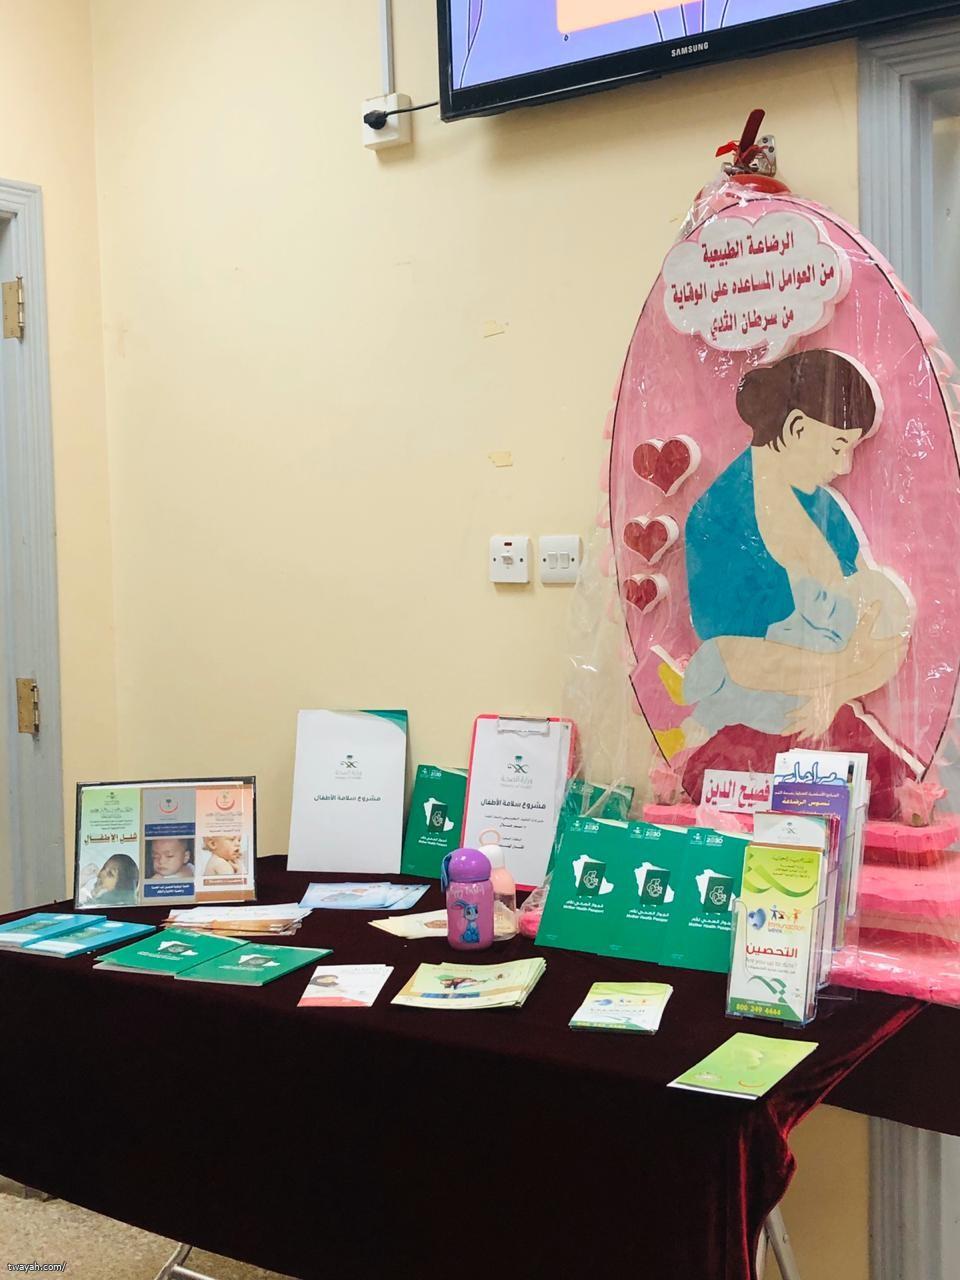 مركز صحي البحيرات ينفذ معرض تثقيفي للتوعية بسرطان الثدي